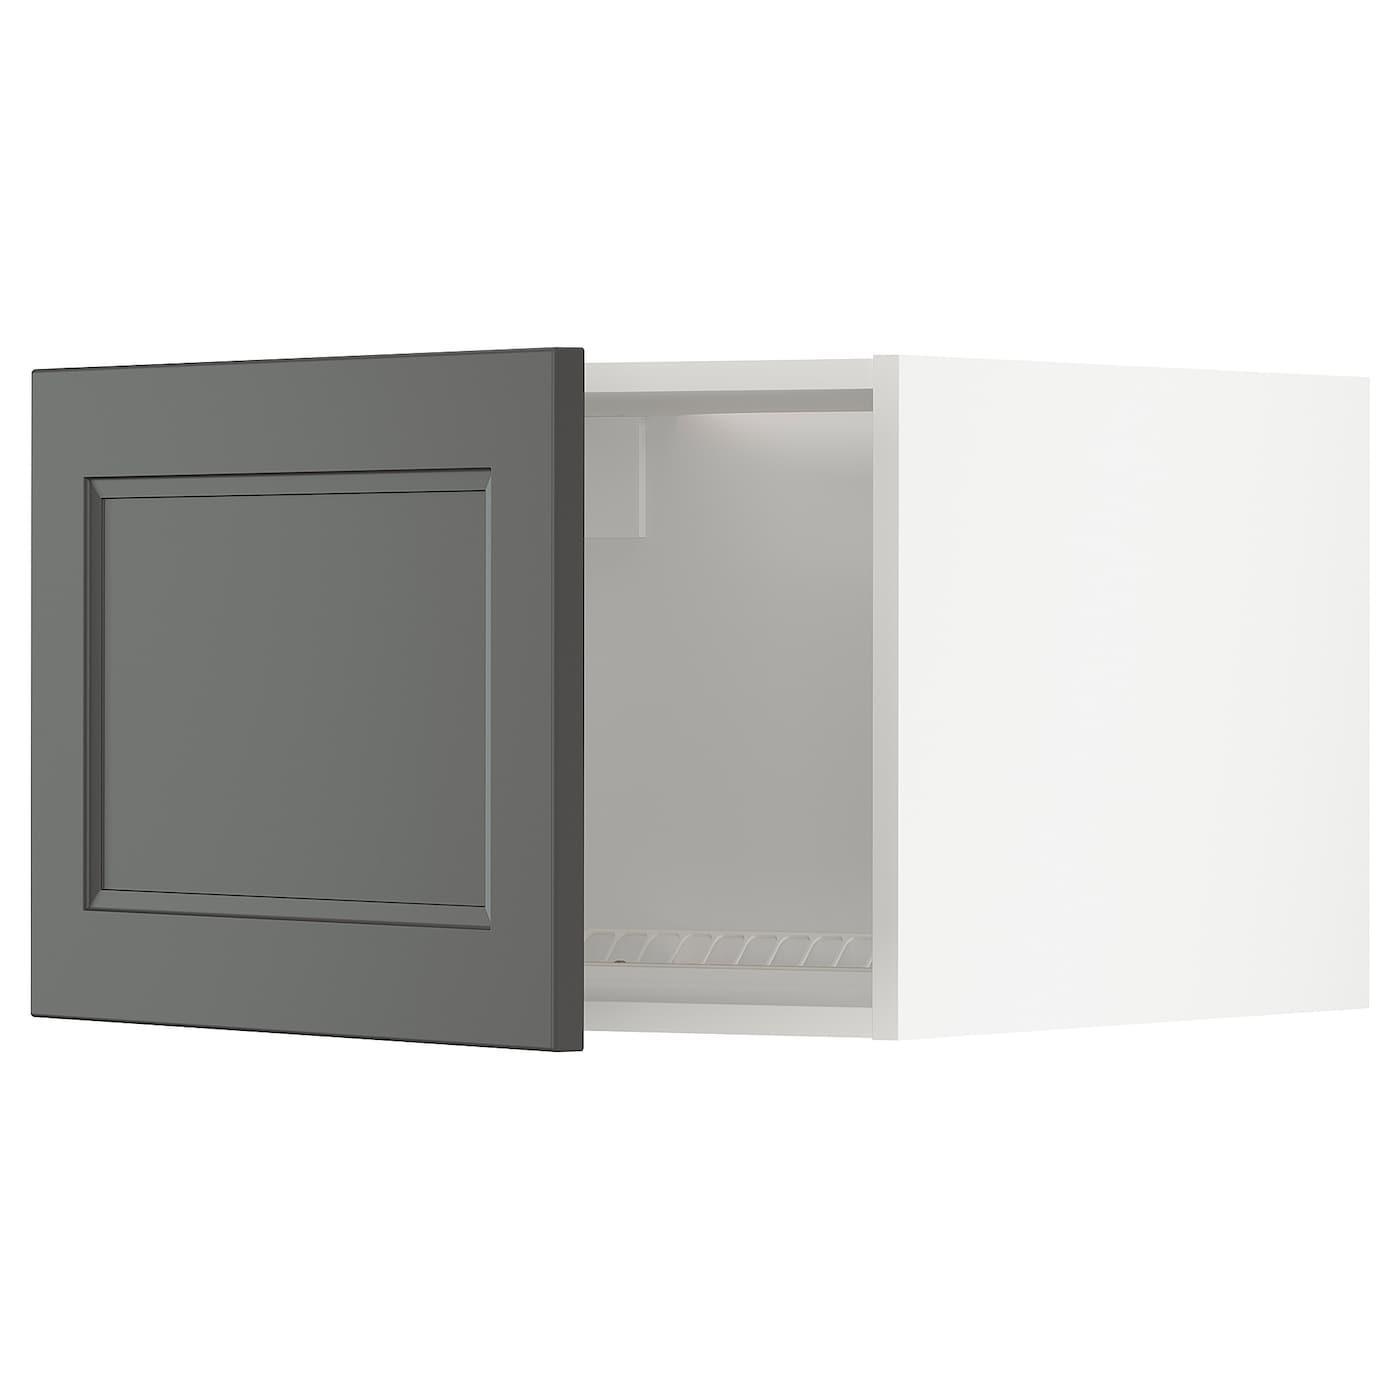 Oberschrank Küche Ikea